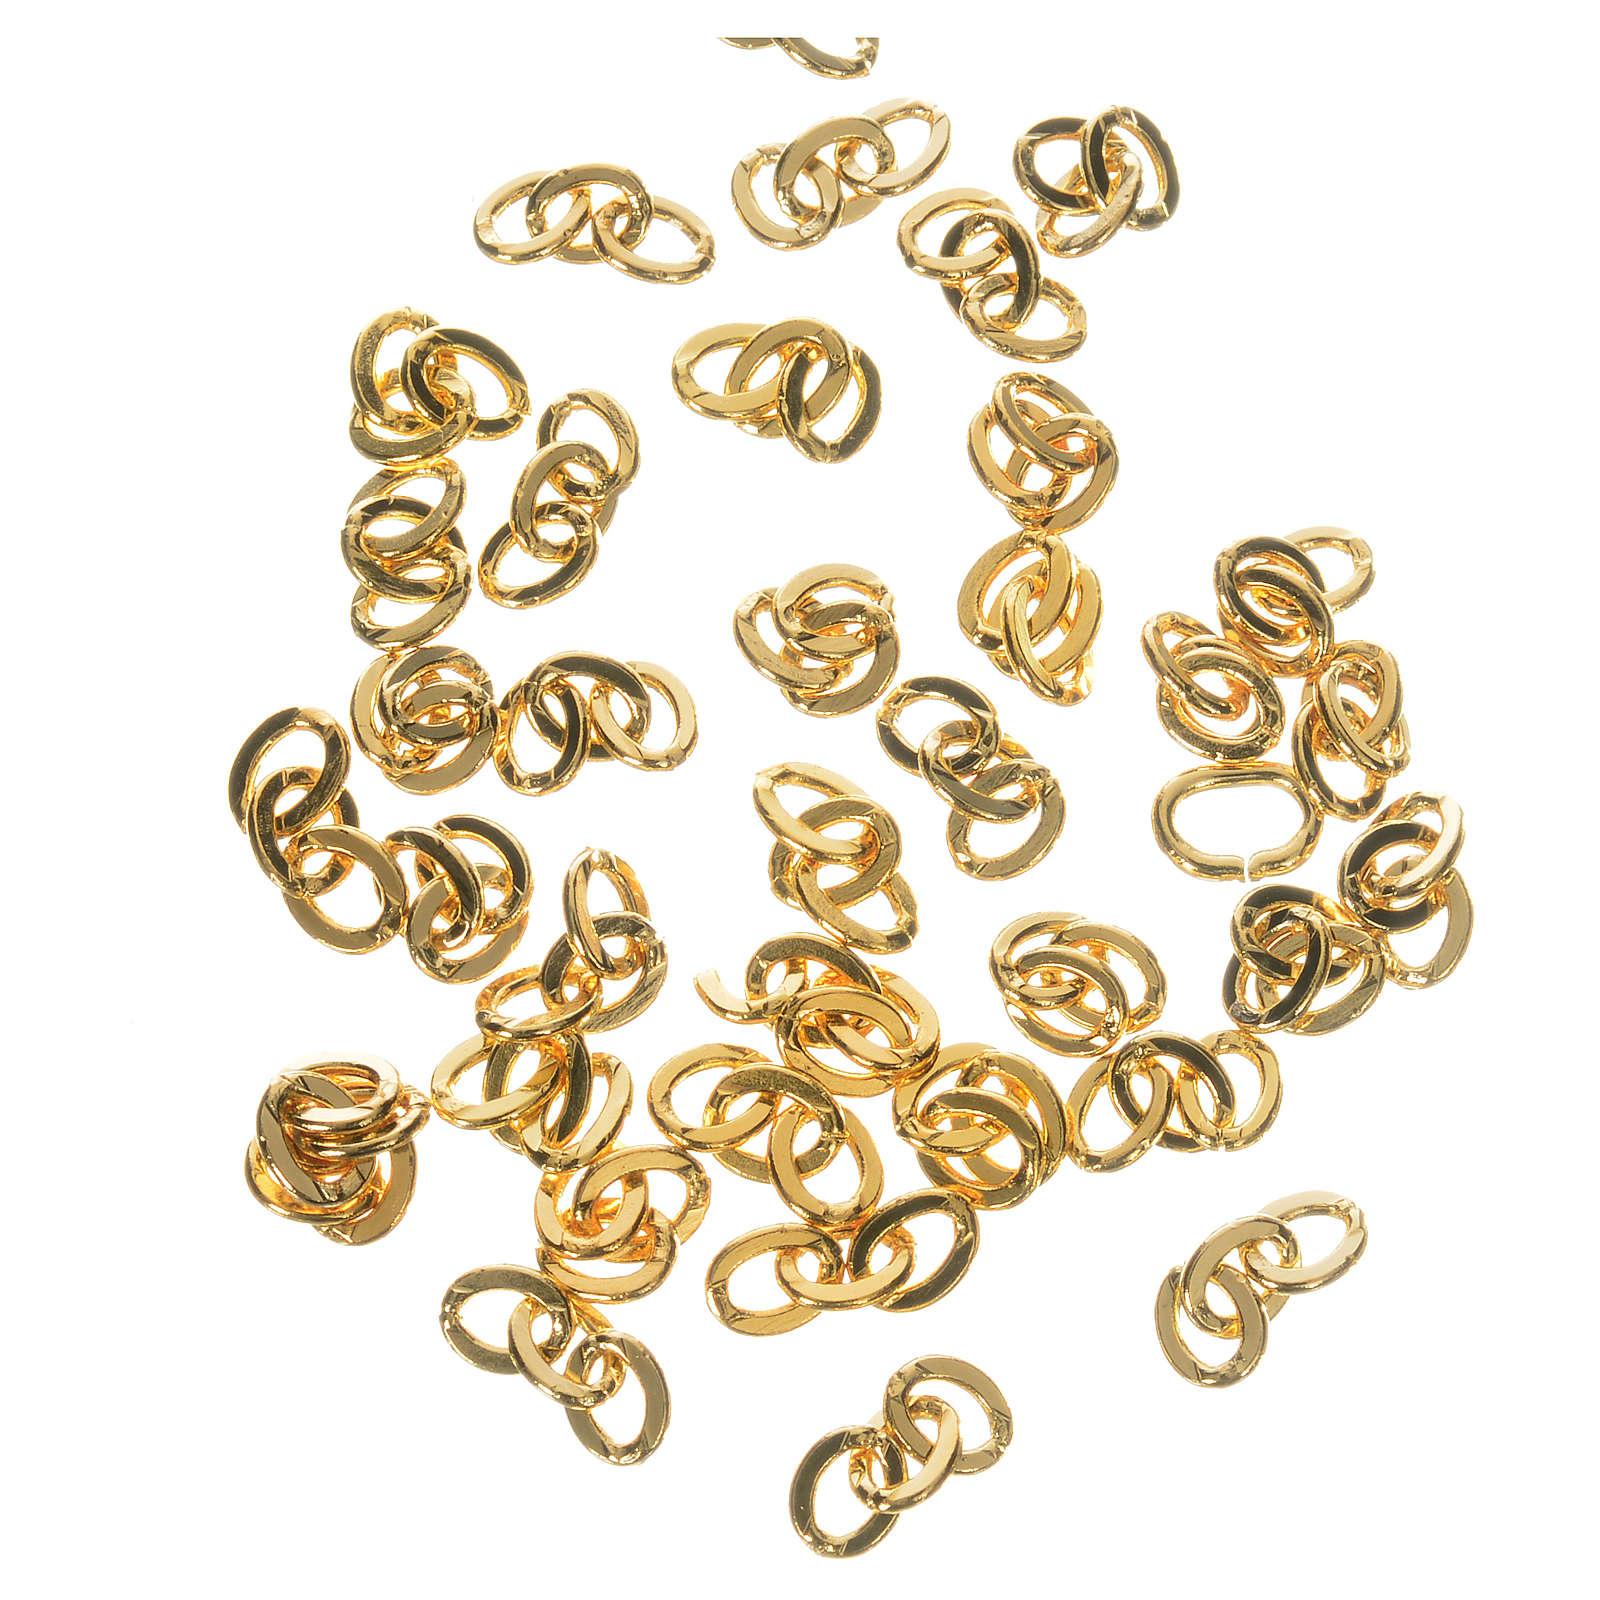 Chaînettes 3 mailles métal doré 4